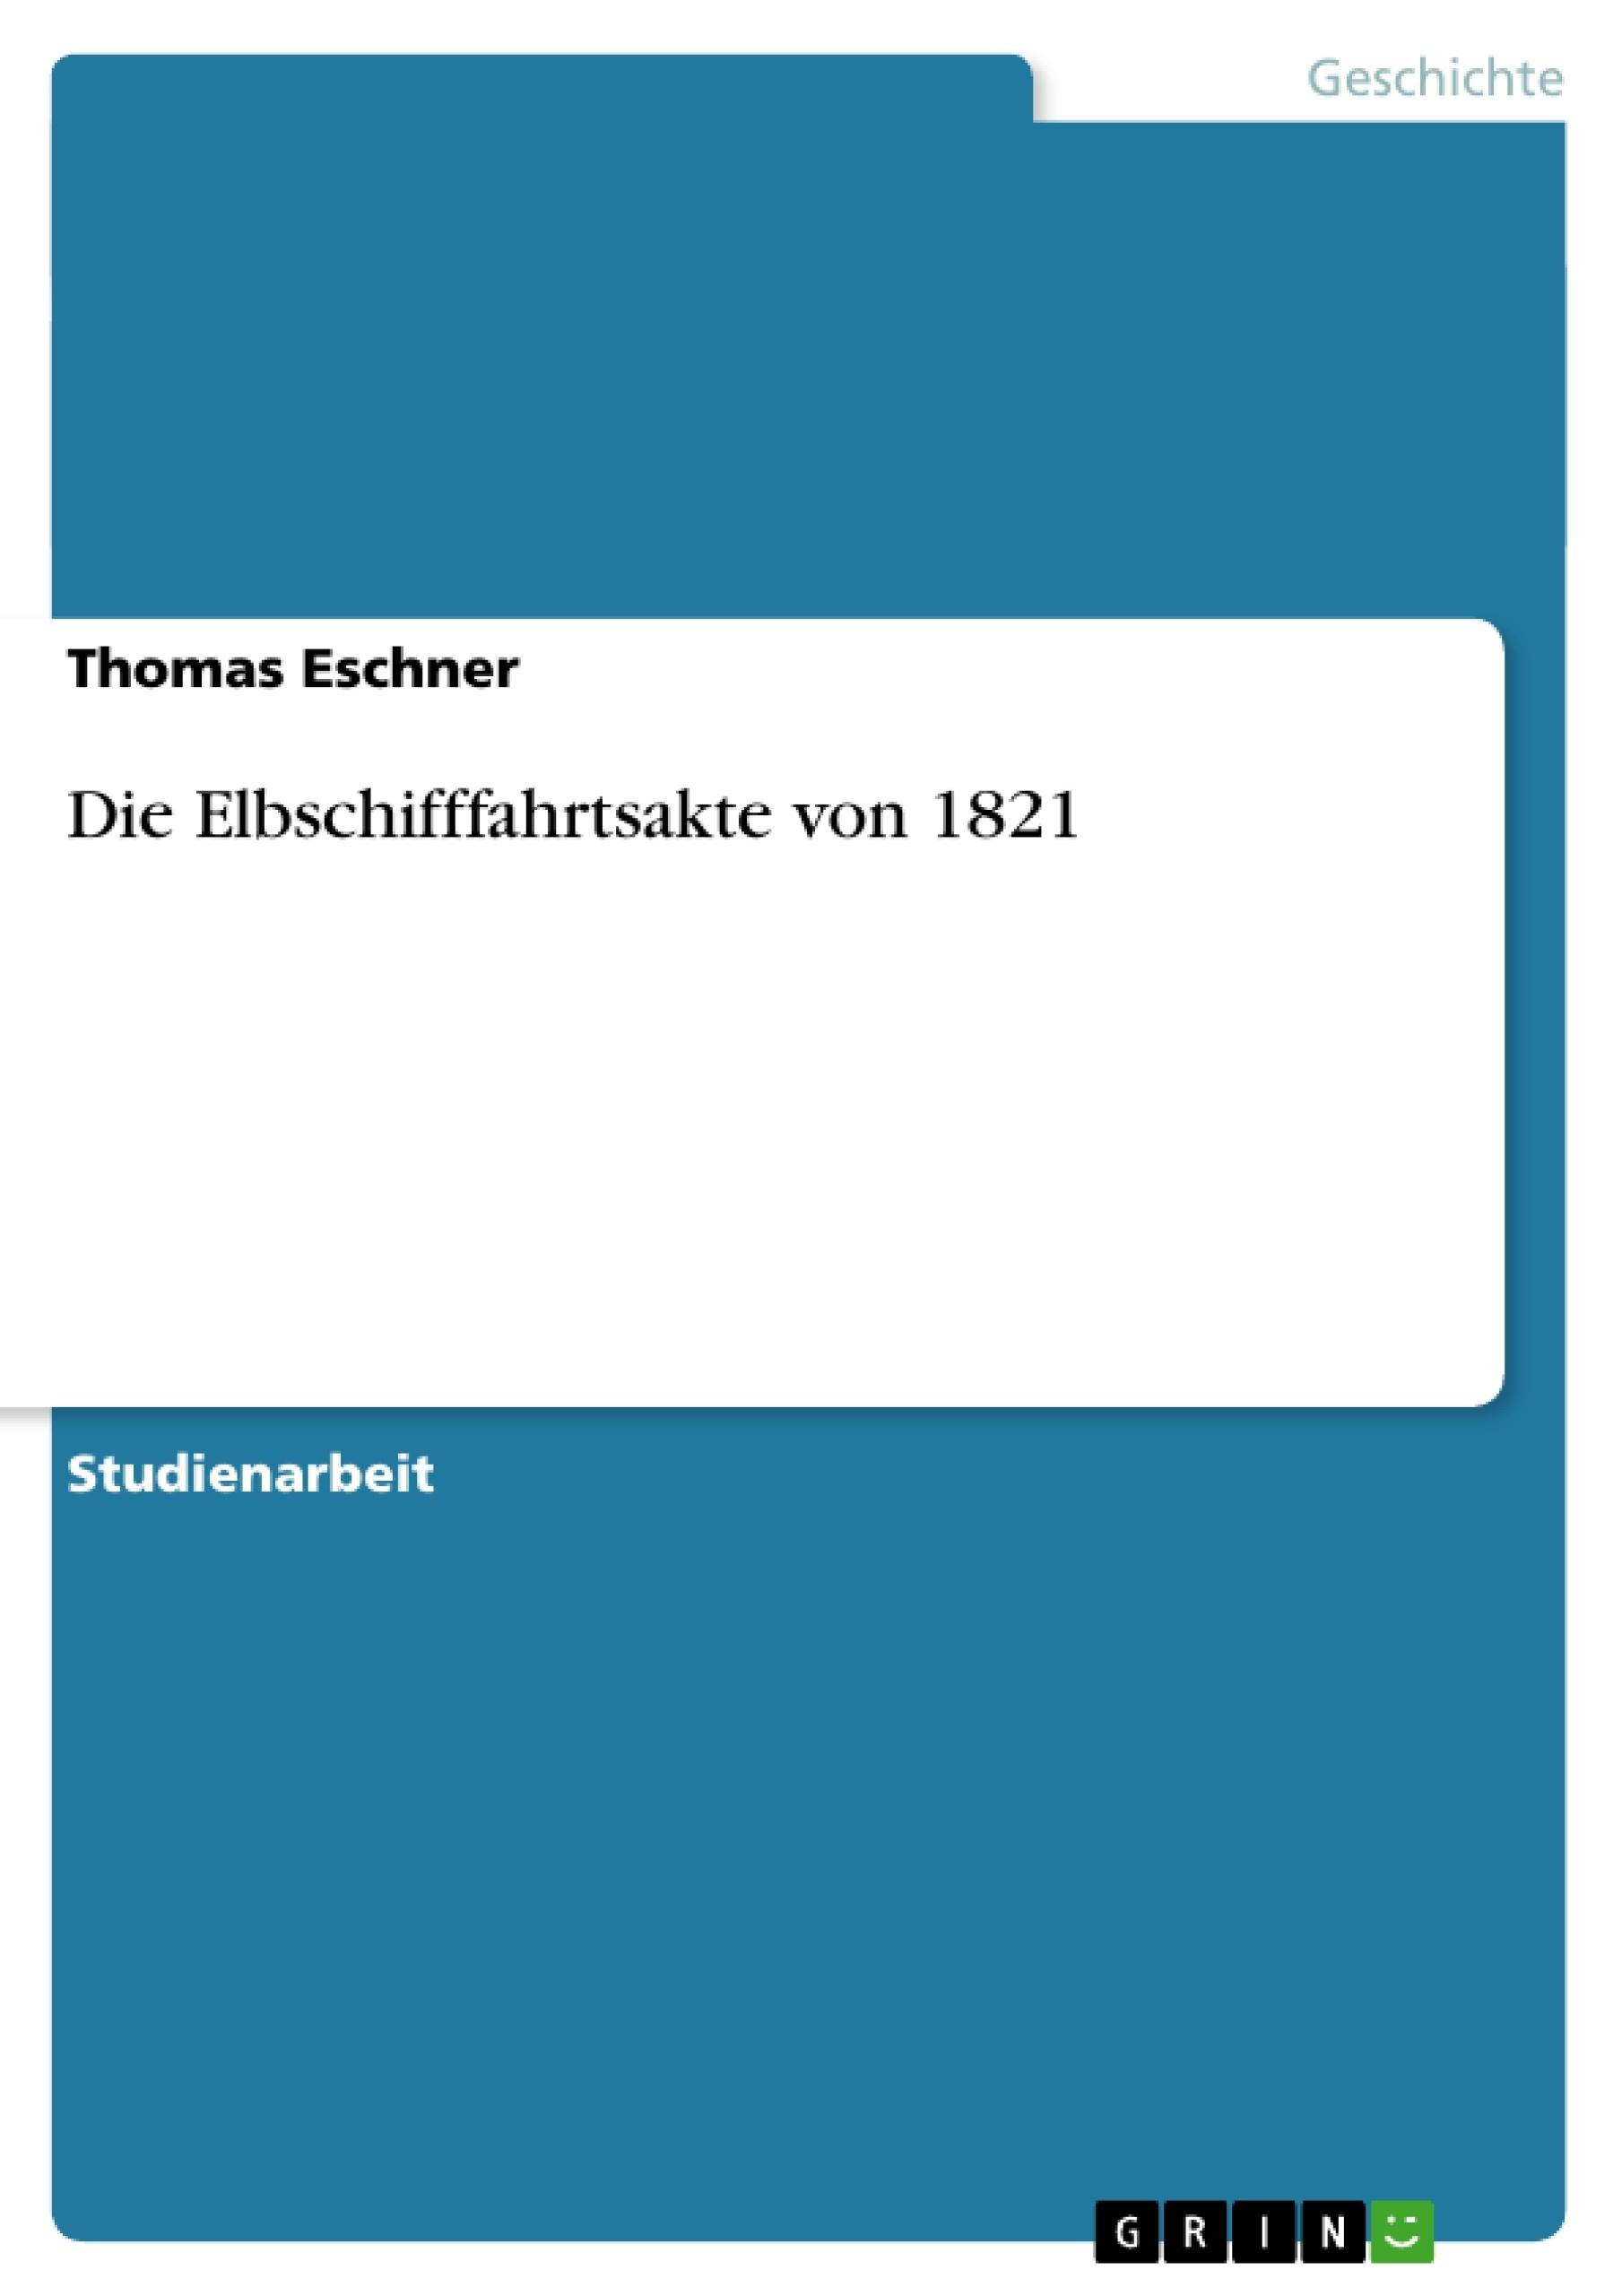 Titel: Die Elbschifffahrtsakte von 1821